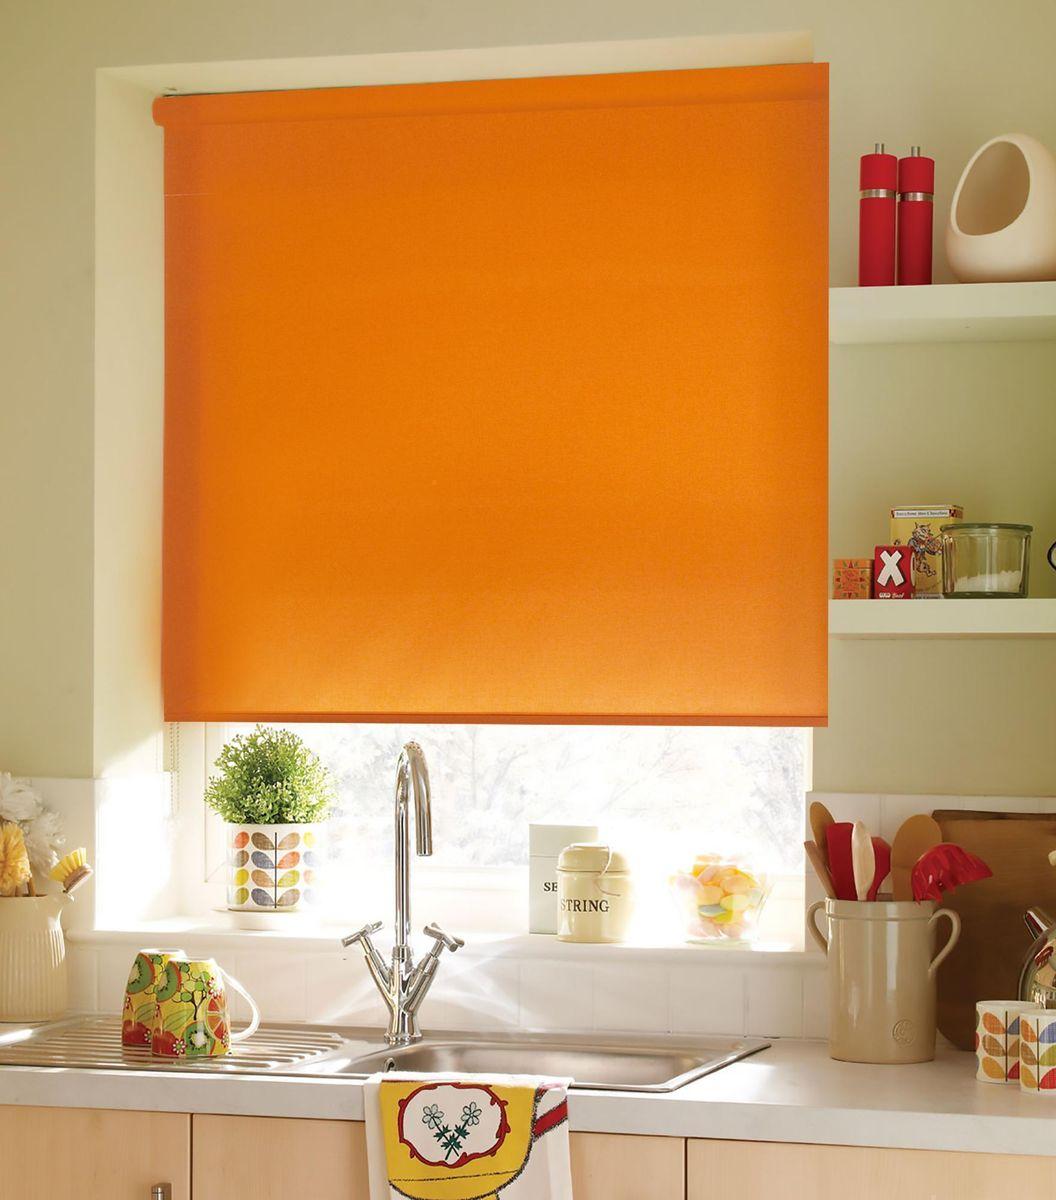 Штора рулонная Эскар, цвет: апельсиновый, ширина 180 см, высота 170 см81203180170Рулонными шторами можно оформлять окна как самостоятельно, так и использовать в комбинации с портьерами. Это поможет предотвратить выгорание дорогой ткани на солнце и соединит функционал рулонных с красотой навесных. Преимущества применения рулонных штор для пластиковых окон: - имеют прекрасный внешний вид: многообразие и фактурность материала изделия отлично смотрятся в любом интерьере; - многофункциональны: есть возможность подобрать шторы способные эффективно защитить комнату от солнца, при этом она не будет слишком темной. - Есть возможность осуществить быстрый монтаж. ВНИМАНИЕ! Размеры ширины изделия указаны по ширине ткани! Во время эксплуатации не рекомендуется полностью разматывать рулон, чтобы не оторвать ткань от намоточного вала. В случае загрязнения поверхности ткани, чистку шторы проводят одним из способов, в зависимости от типа загрязнения: легкое поверхностное загрязнение можно удалить при помощи канцелярского ластика; чистка от пыли производится сухим методом при...